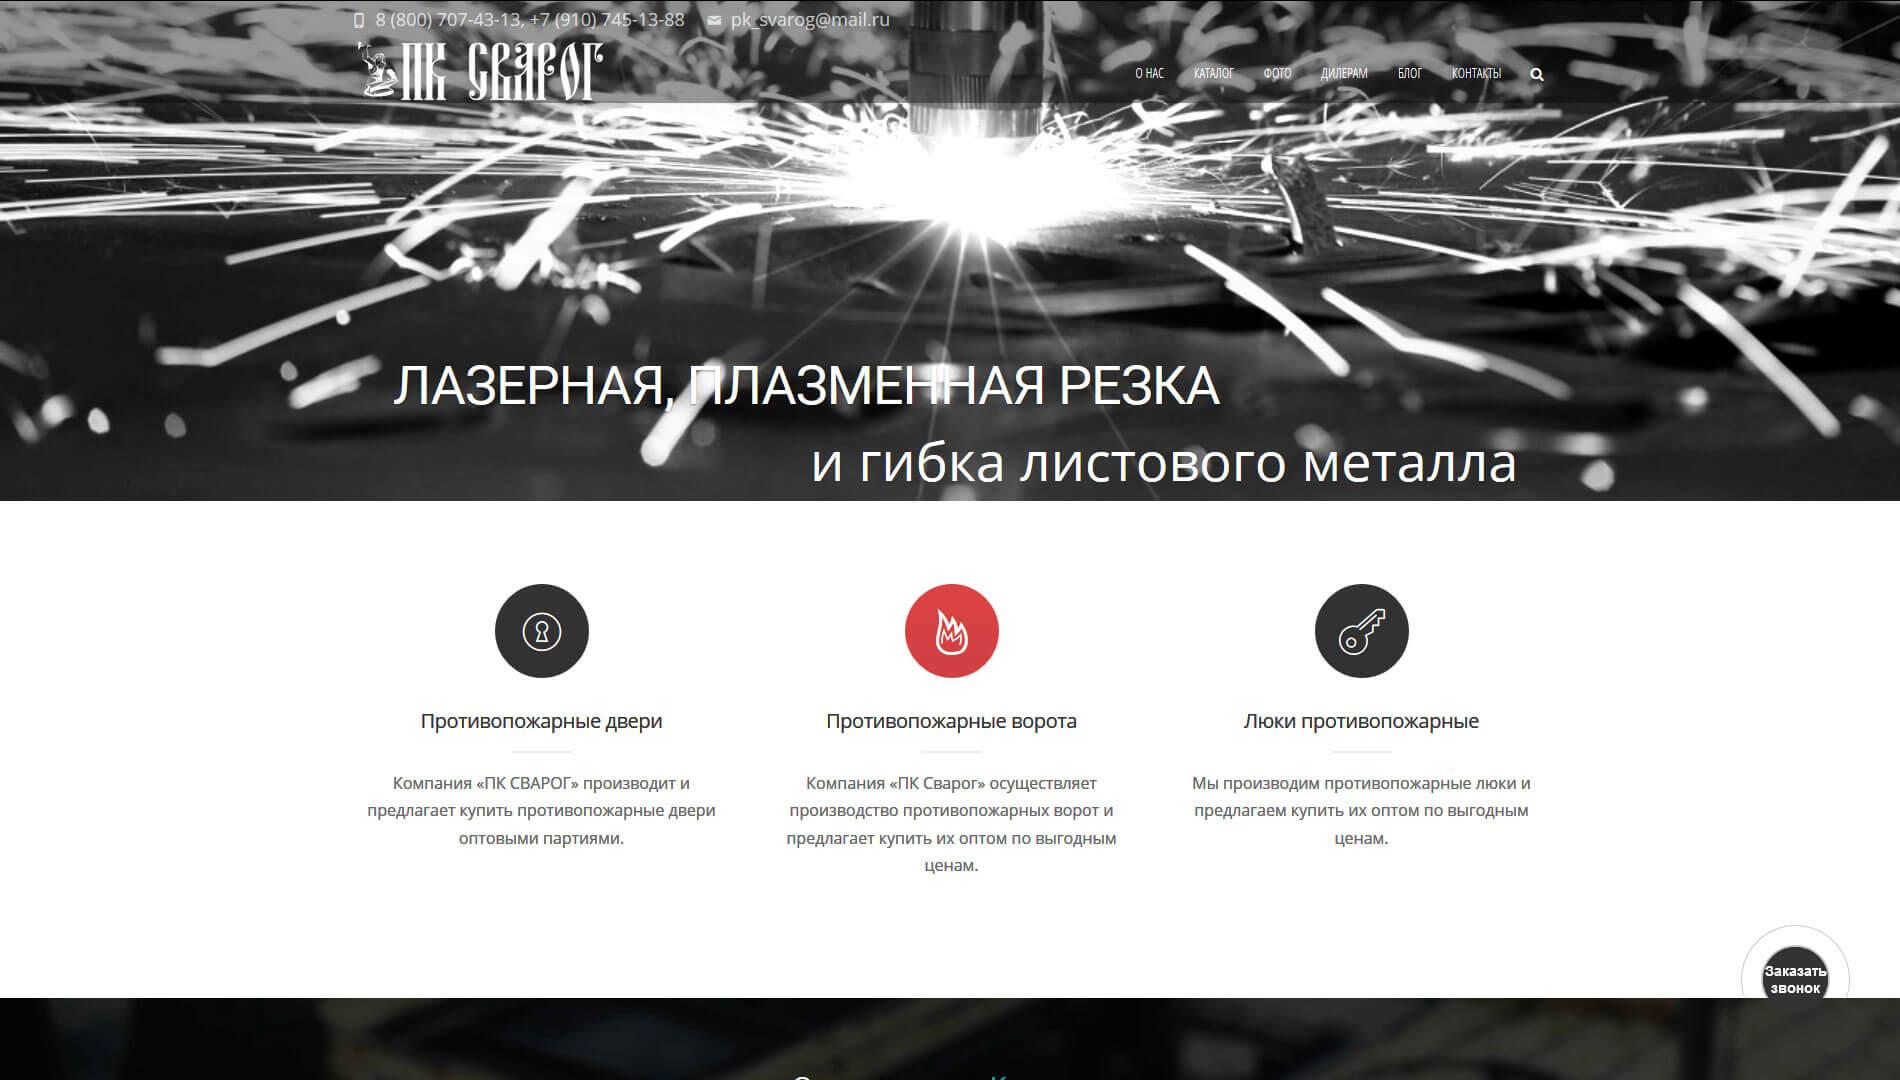 Создание сайта для производителя бронированных дверей ПК Сварог